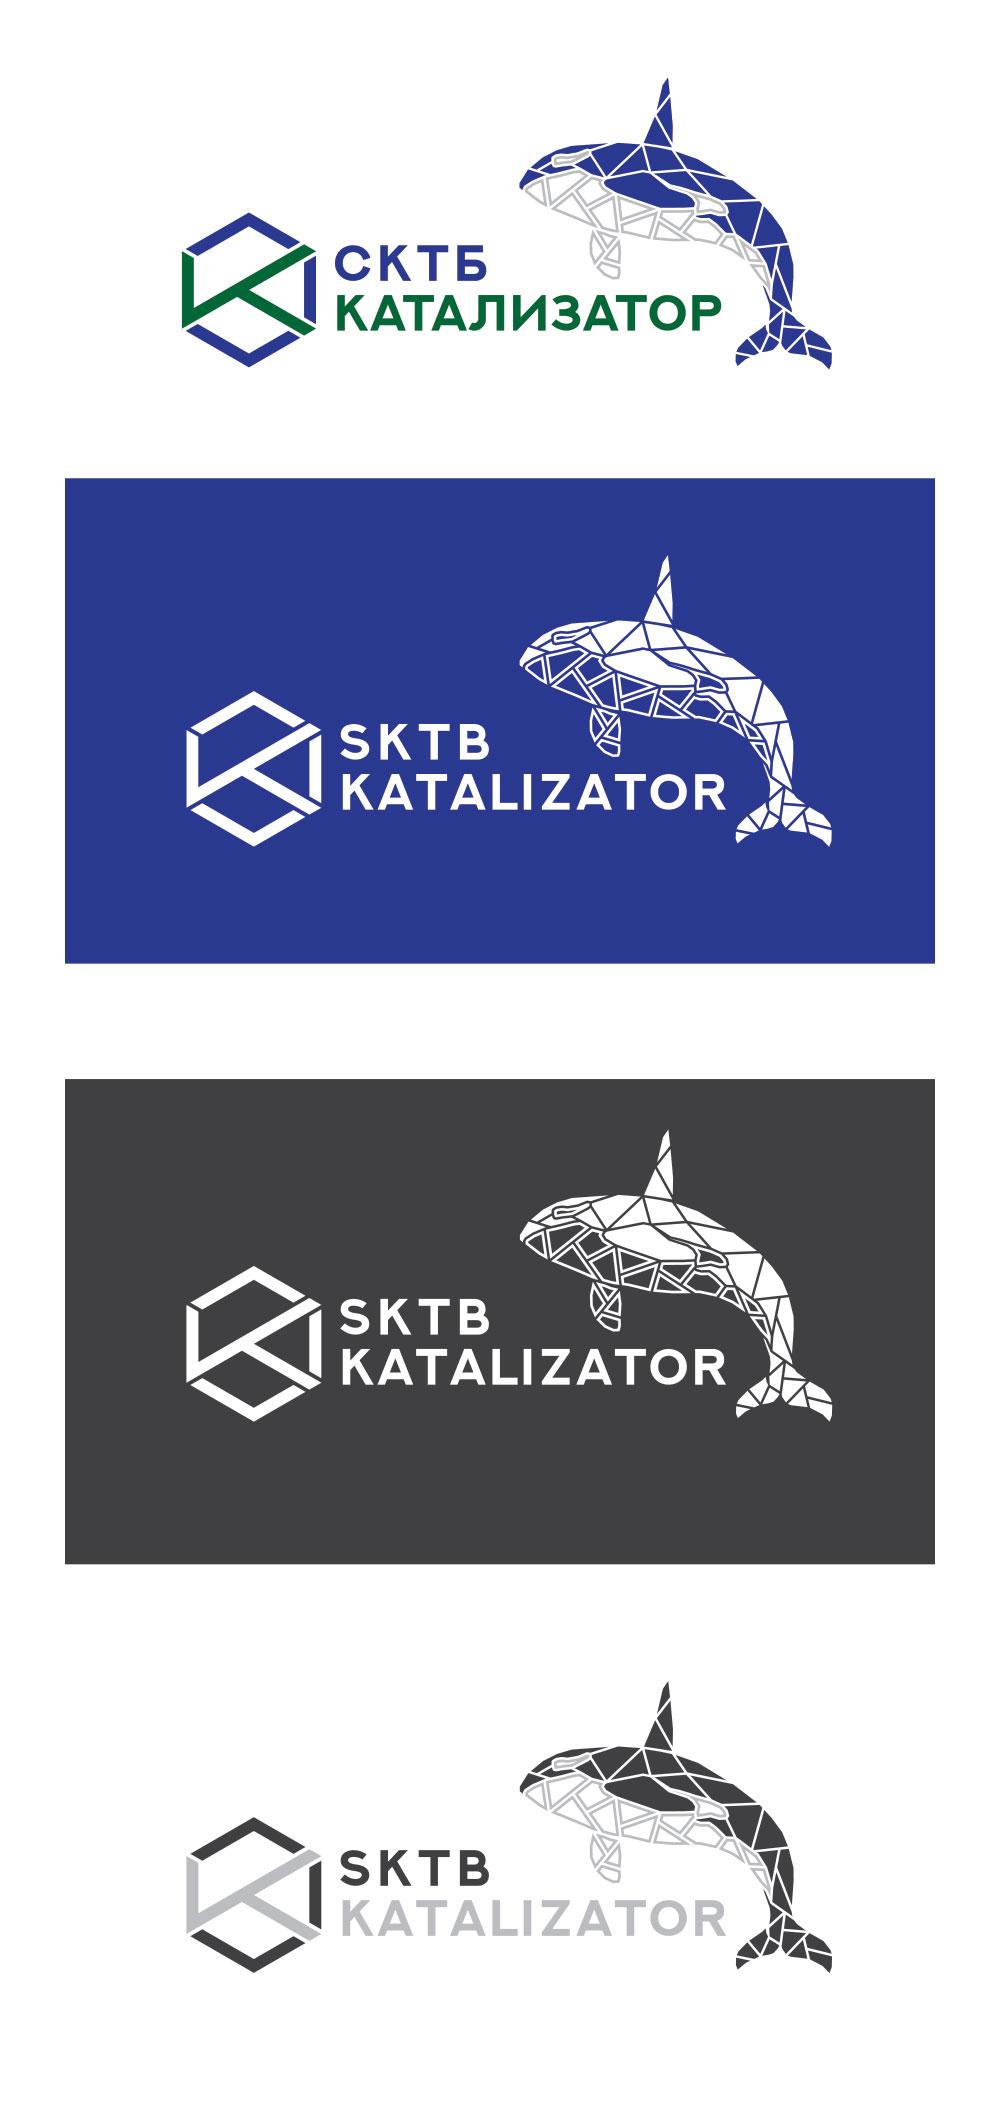 Разработка фирменного символа компании - касатки, НЕ ЛОГОТИП фото f_3555b0445fc96ffd.jpg